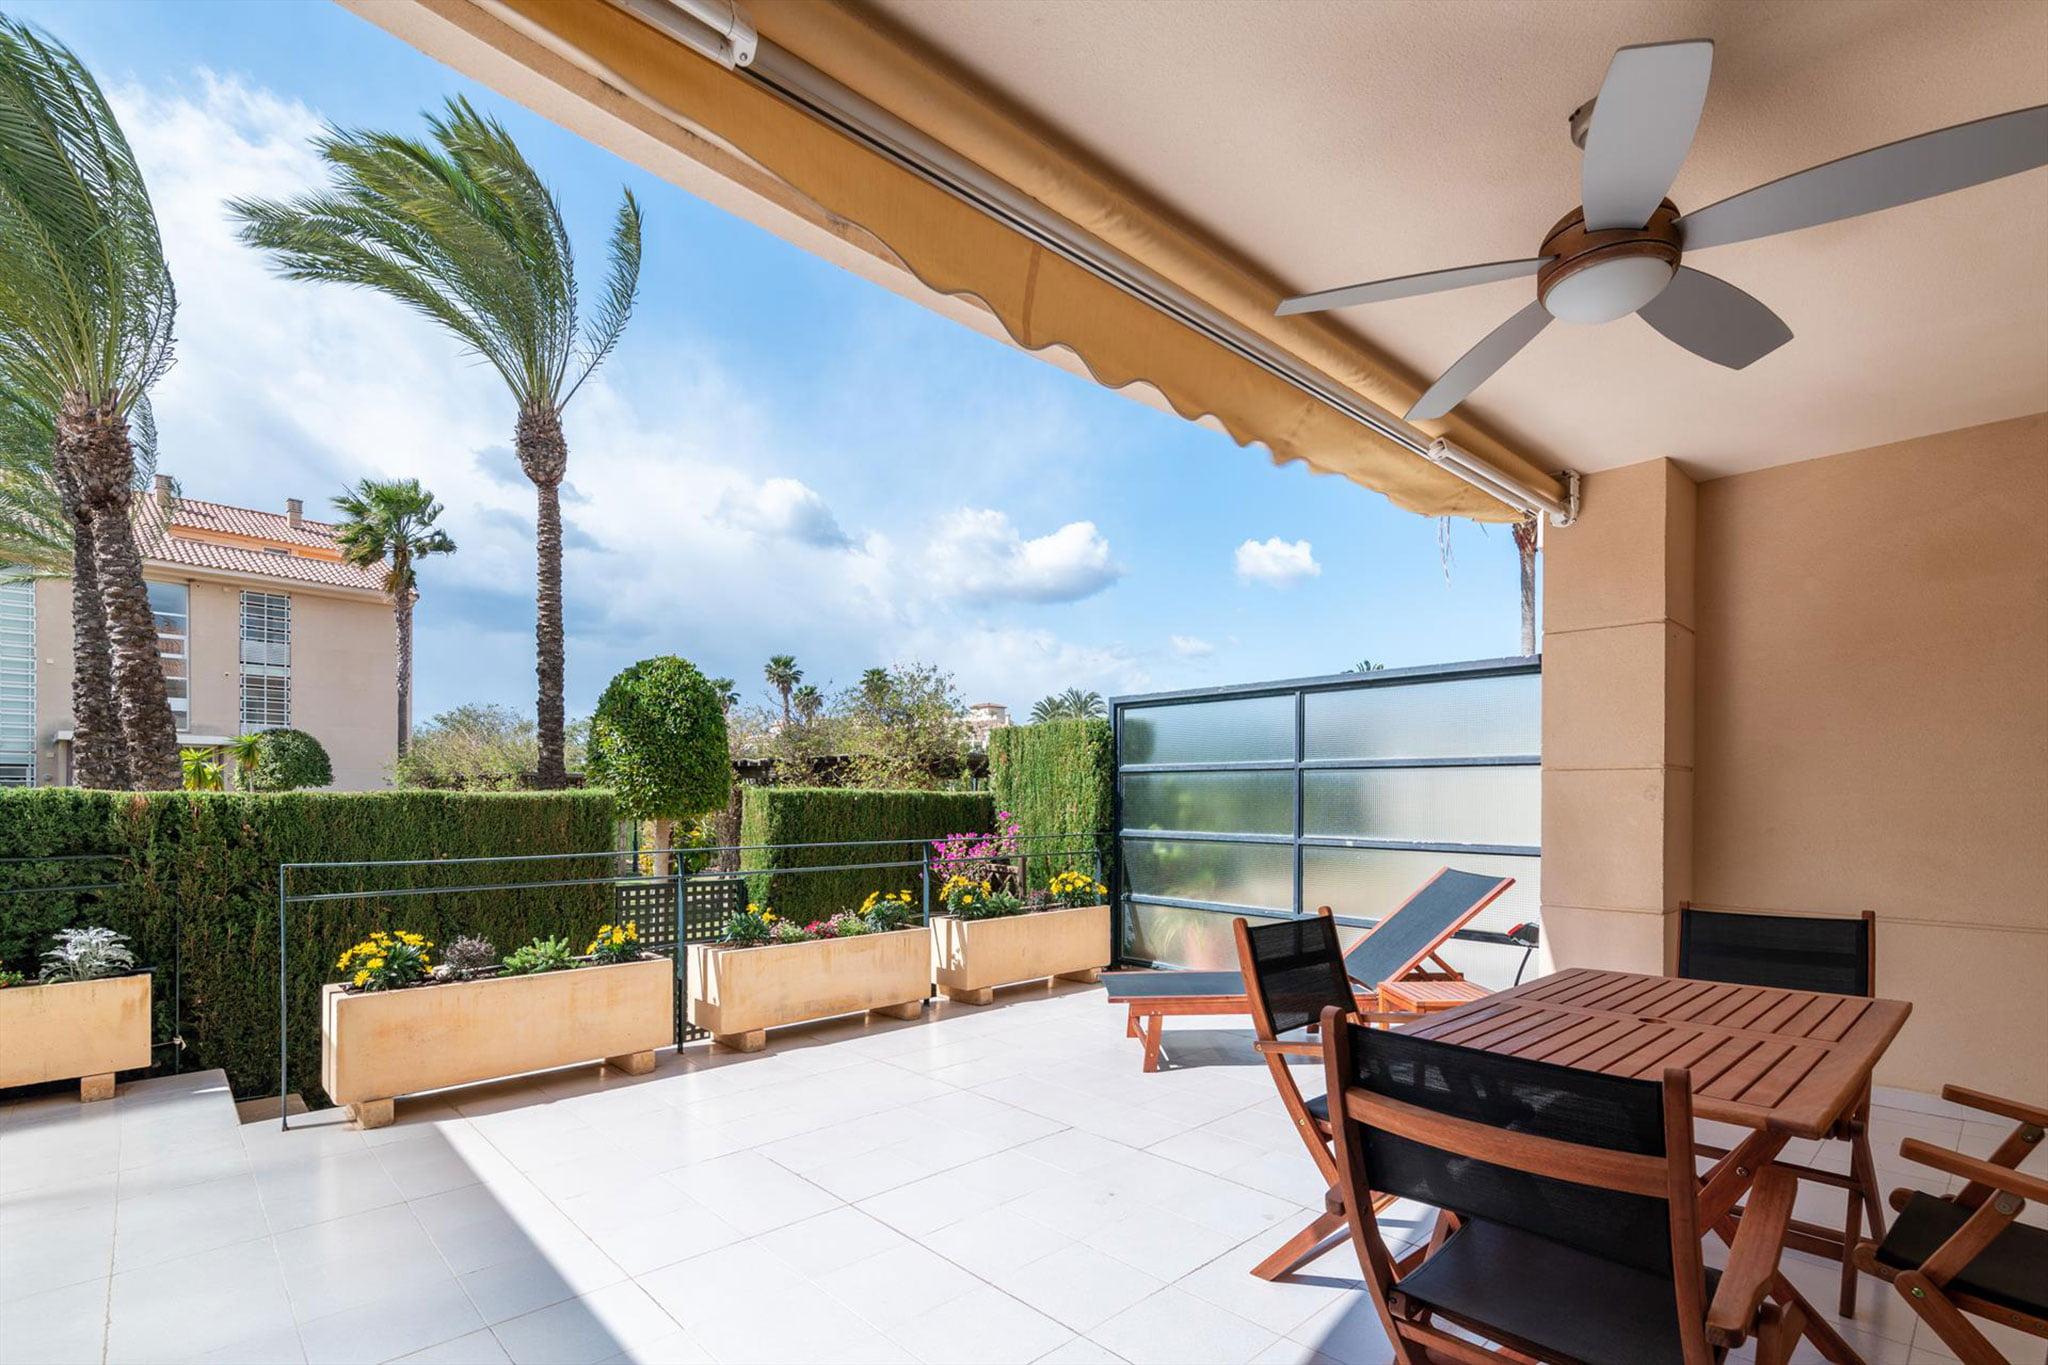 Vistas desde la terraza de un apartamento de alquiler en Jávea – Quality Rent a Villa